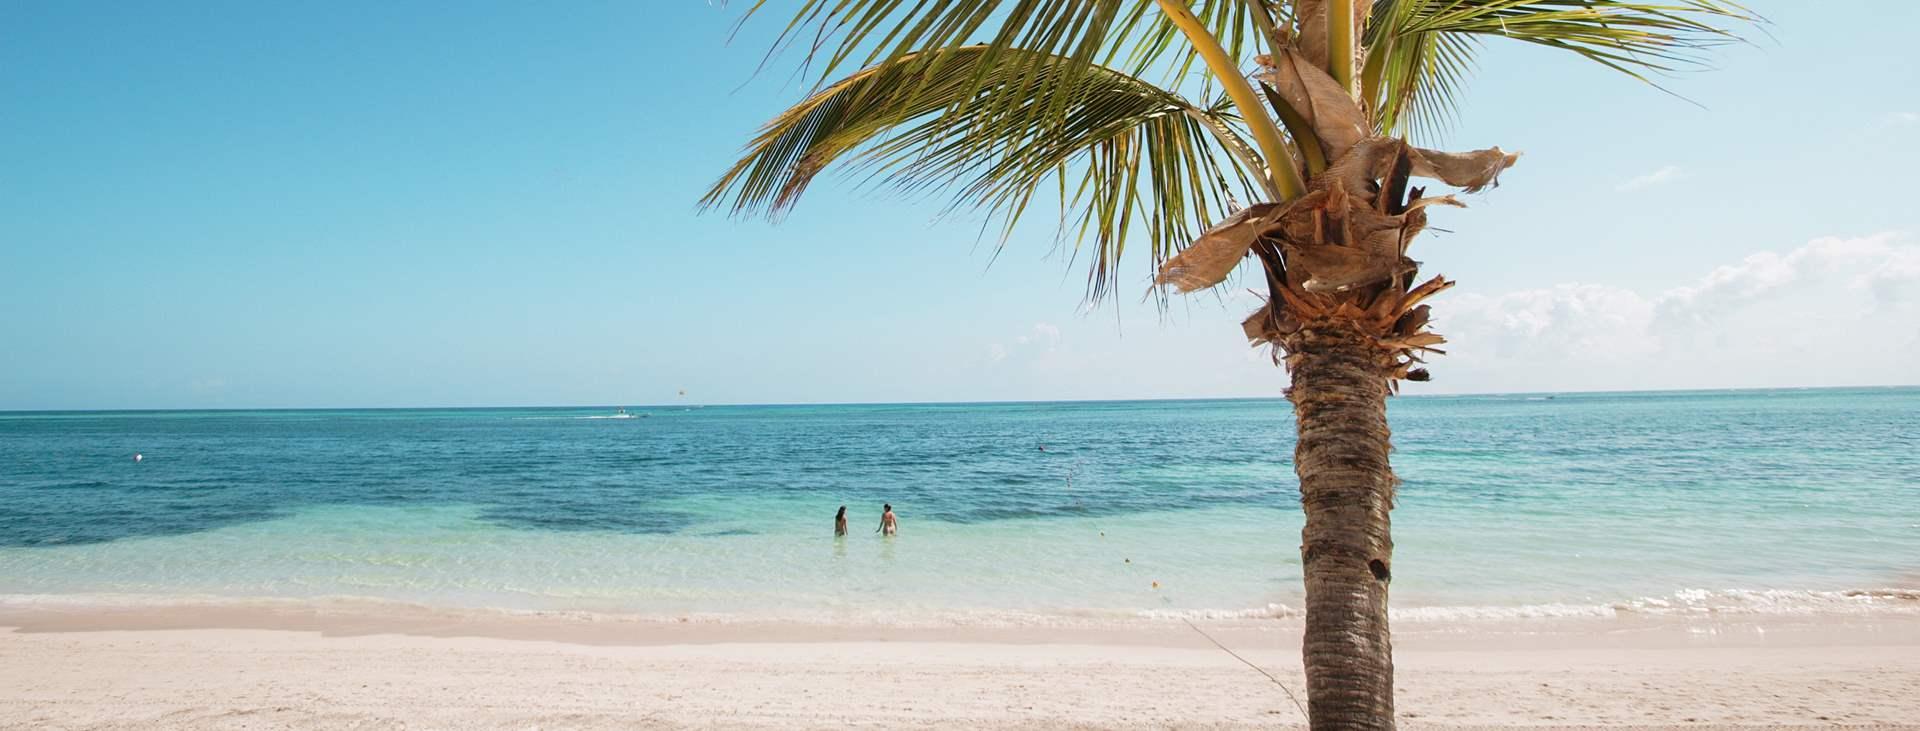 Boka en resa till Key West i Florida - upplev USA med Ving